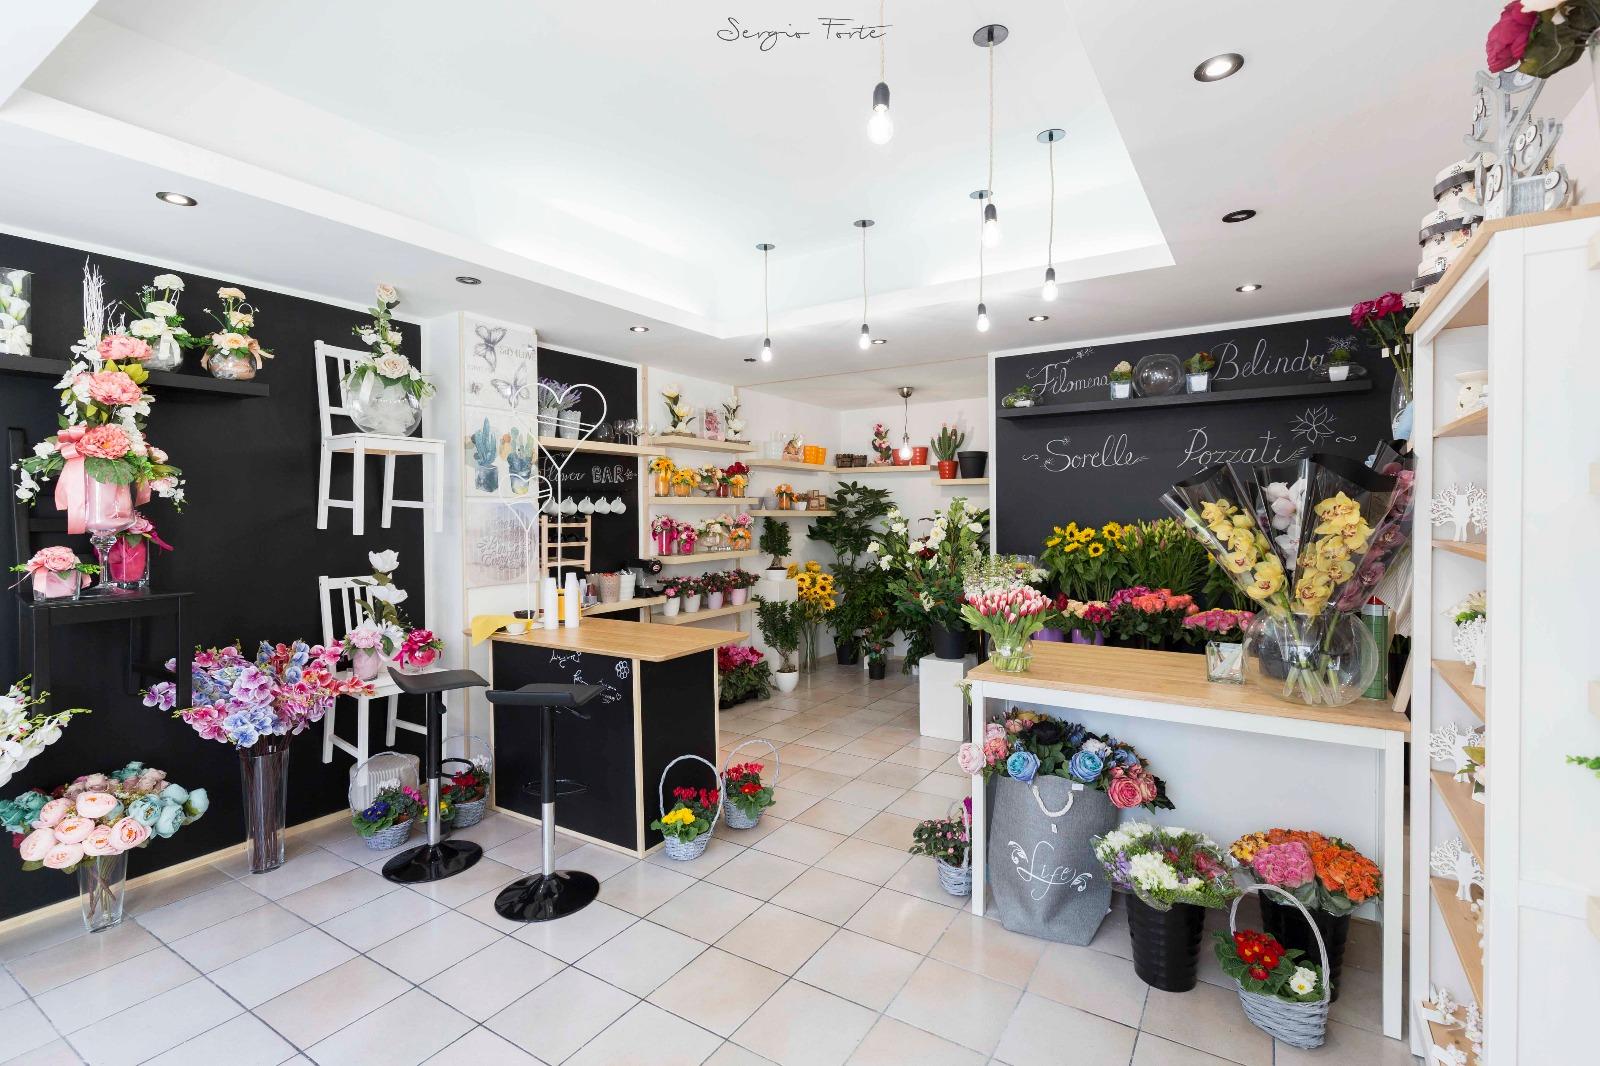 Isernia: arte floreale, regali e molto altro ancora. Inaugurato il Flower Bar delle Sorelle Pozzati.